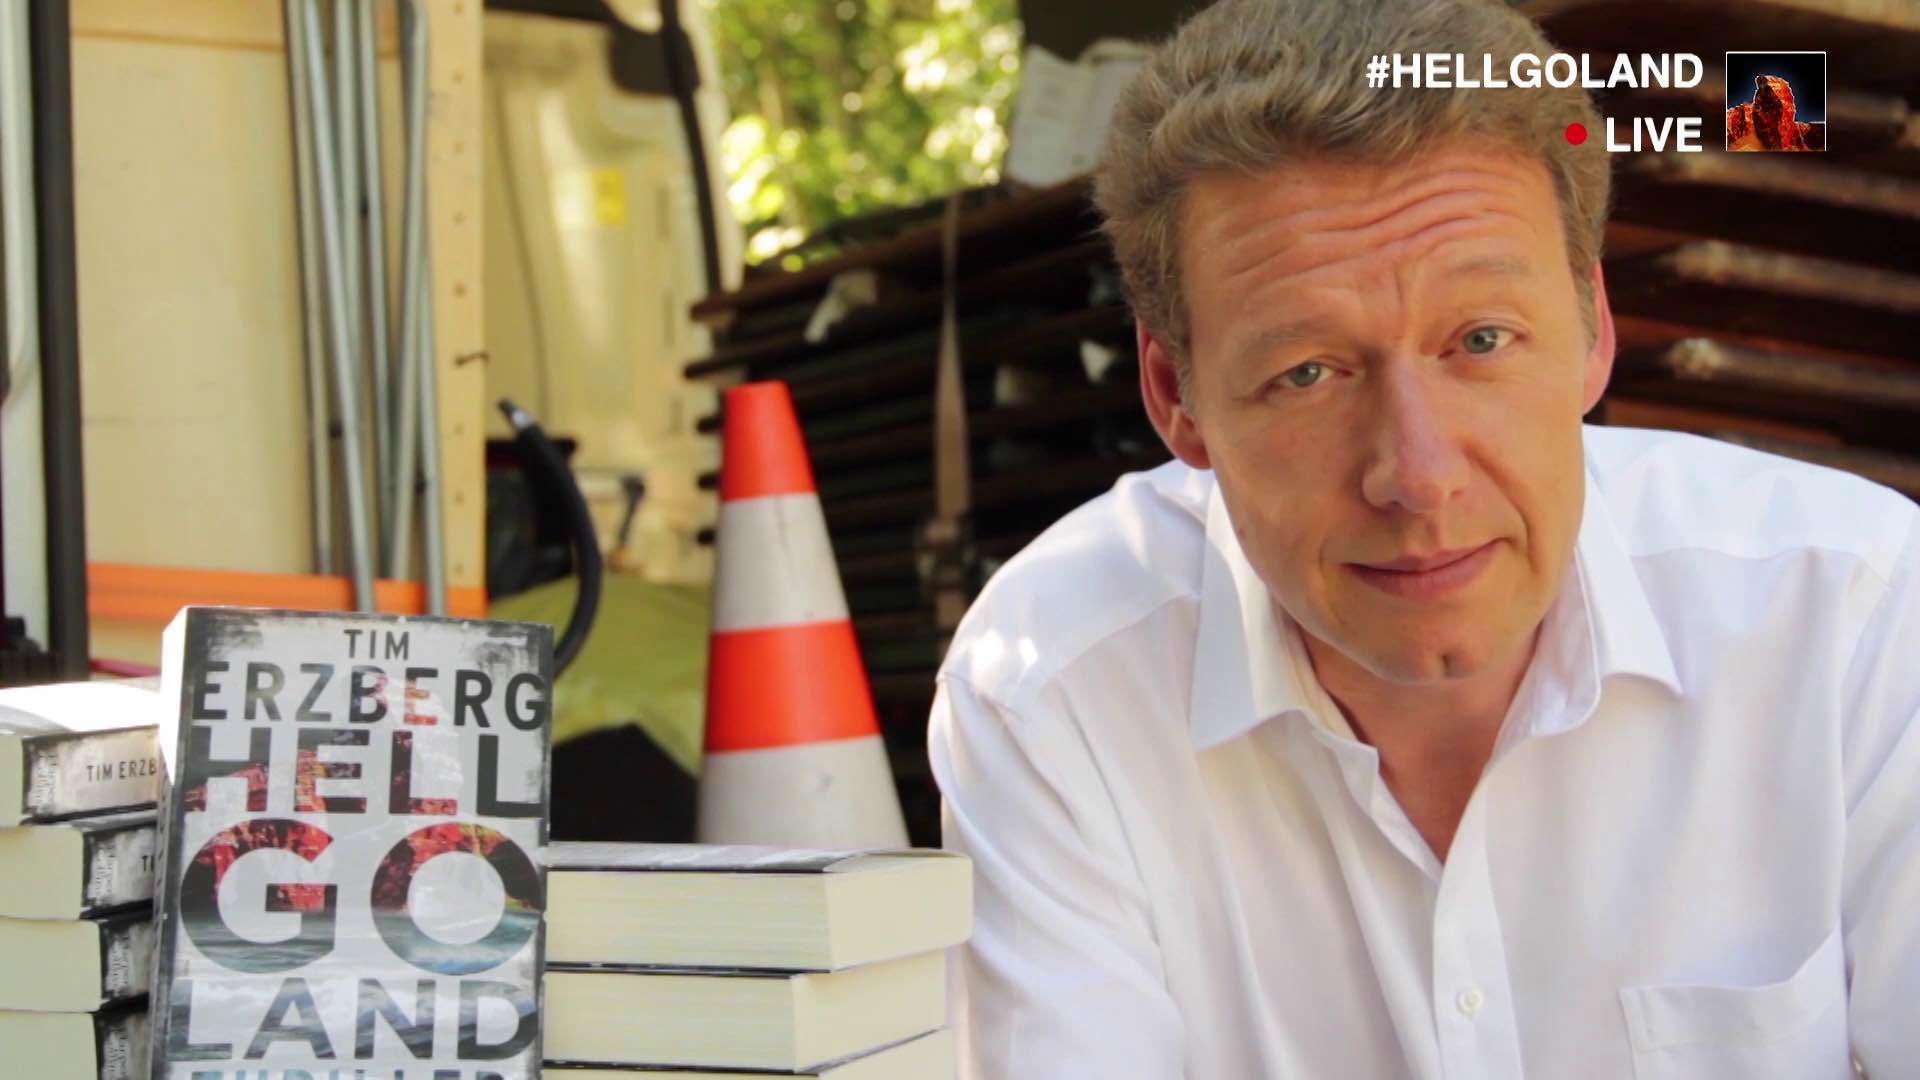 Ein Bildausschnitt aus einem Livestream von Helgoland, wo der Autor Tim Erzberg über ein Buch von sich spricht